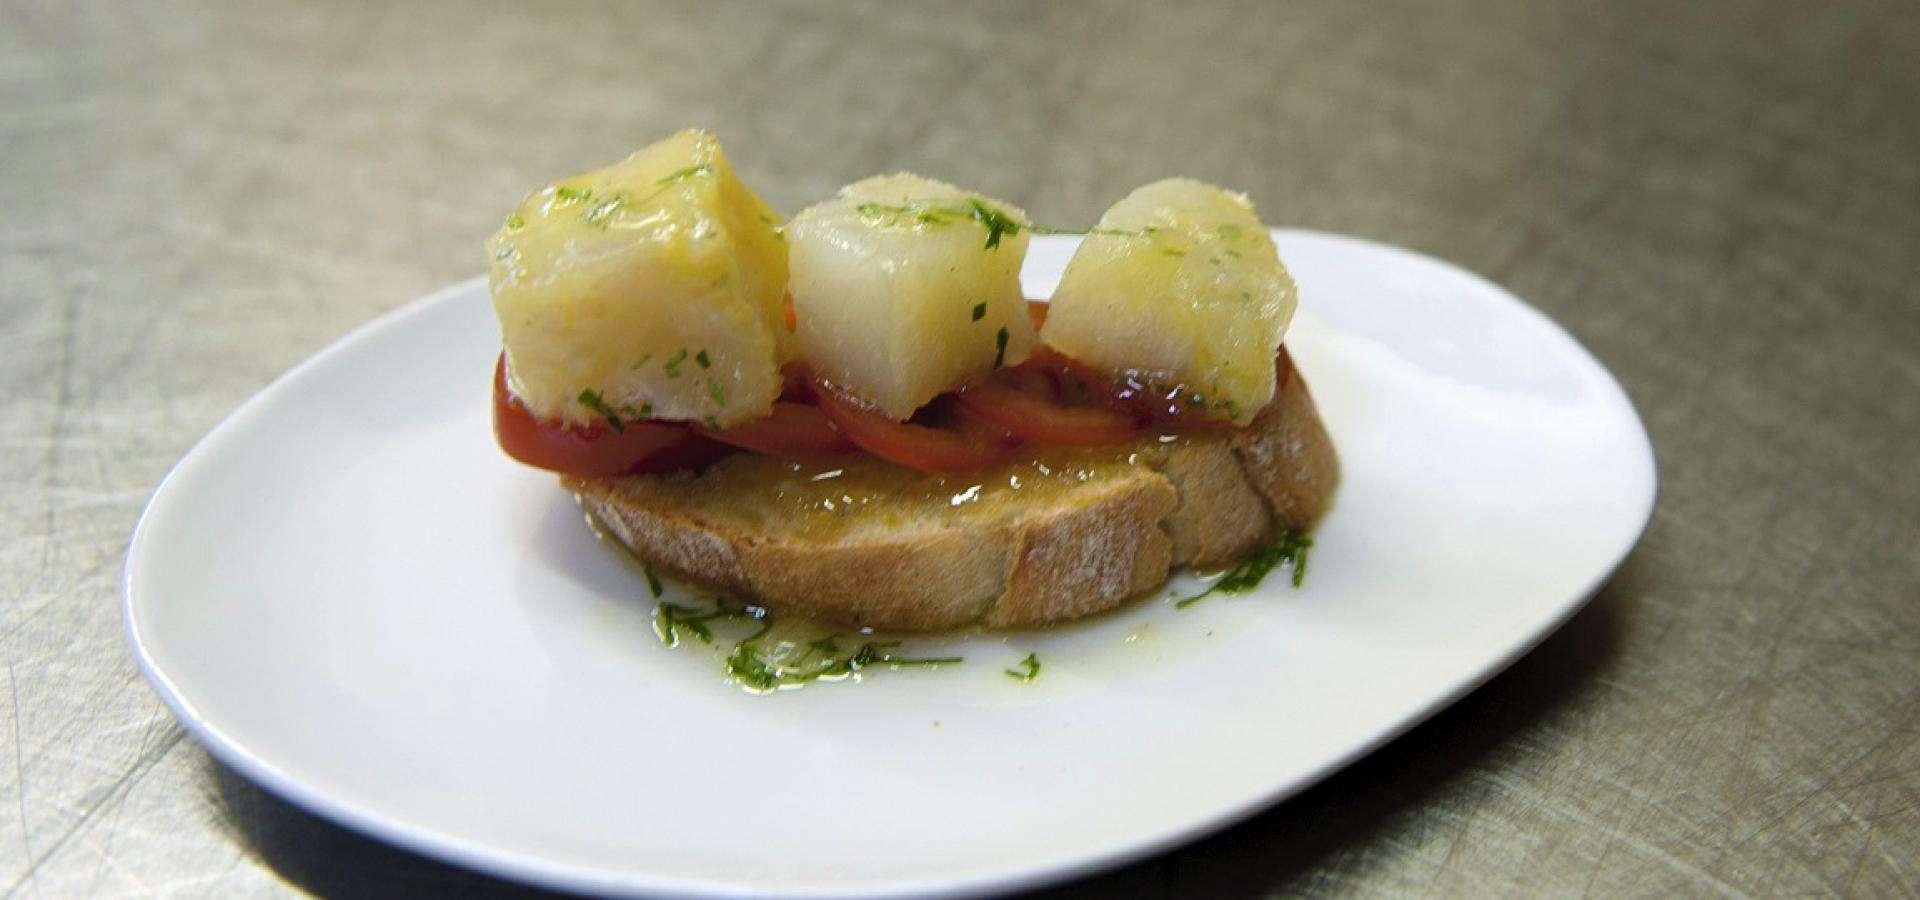 montadito con bacalao ahumado, tomates cherry, albahaca y puré de aceitunas negras